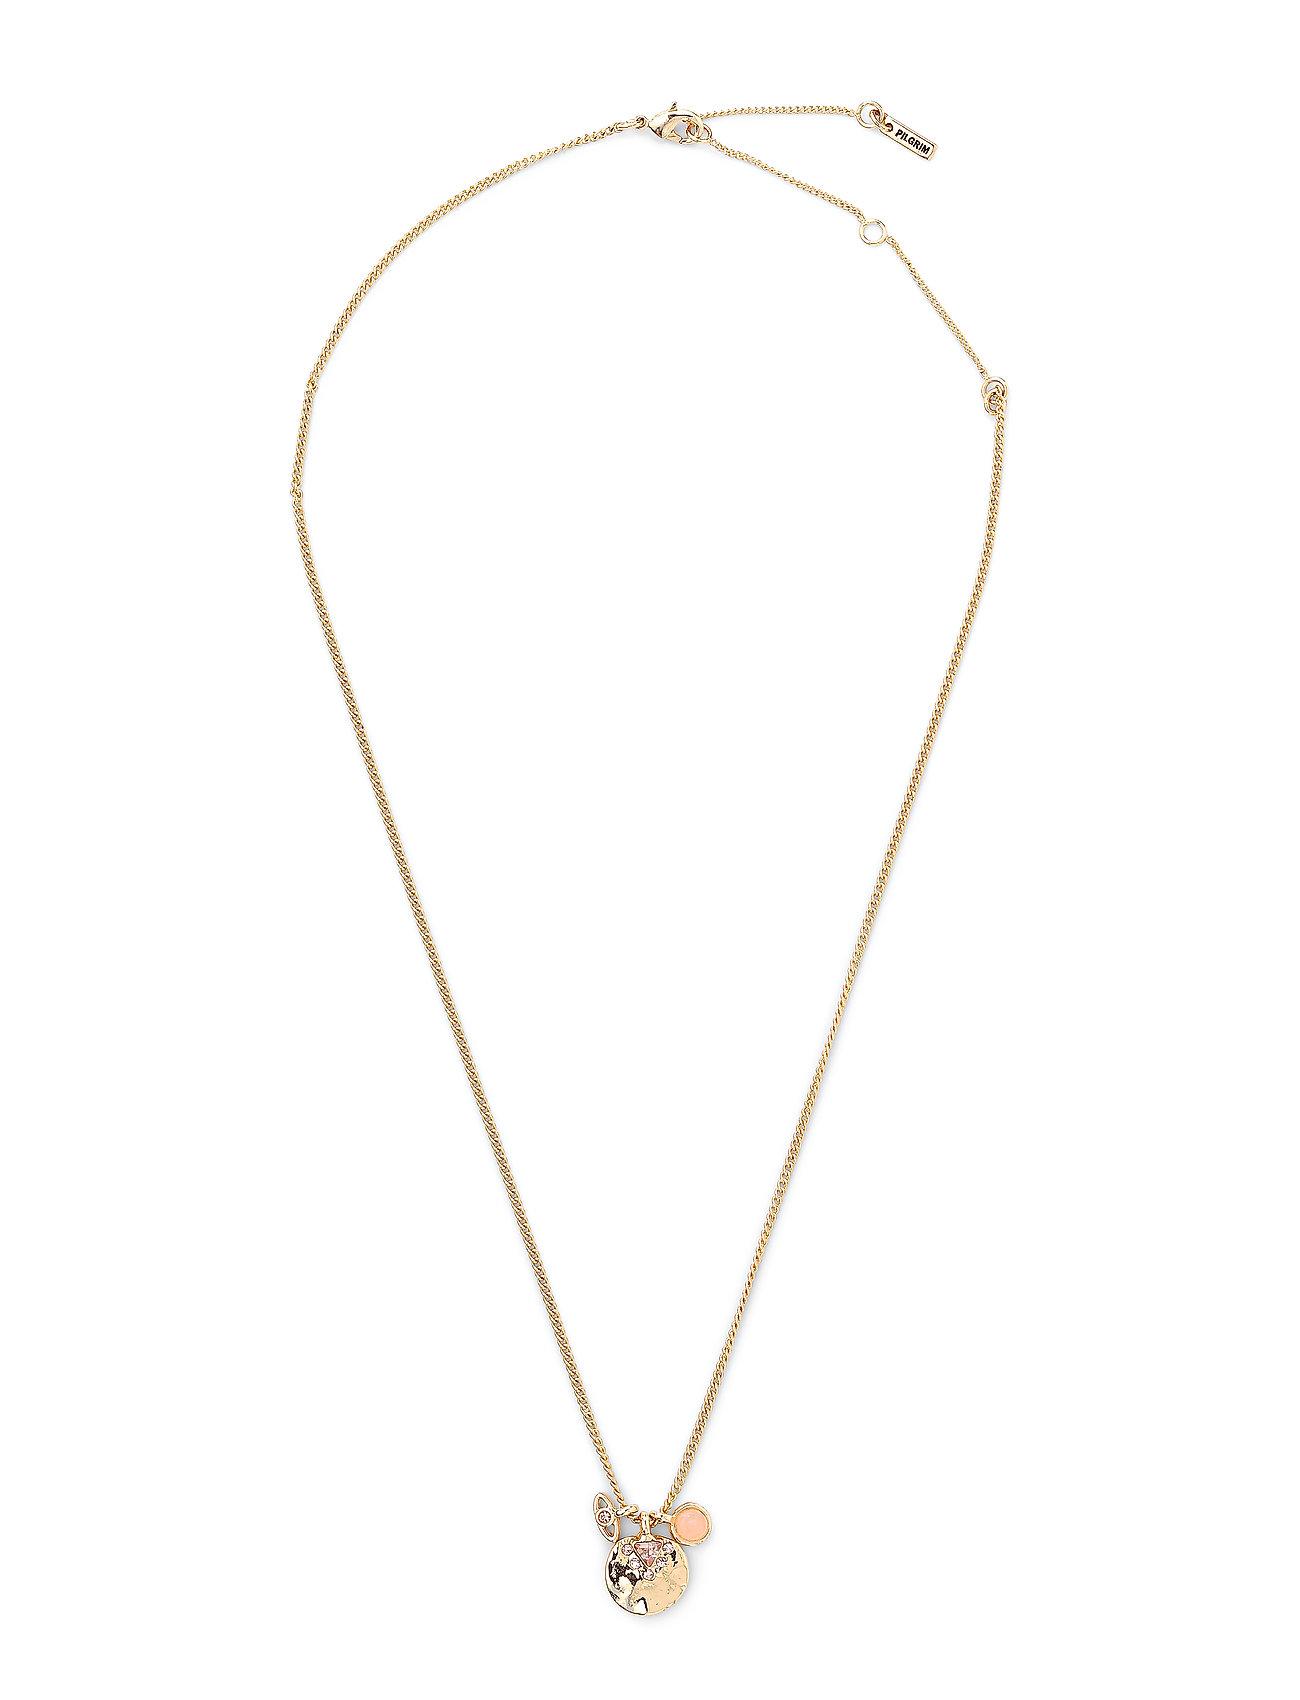 Pilgrim Rumi - Biżuteria GOLD PLATED - Akcesoria